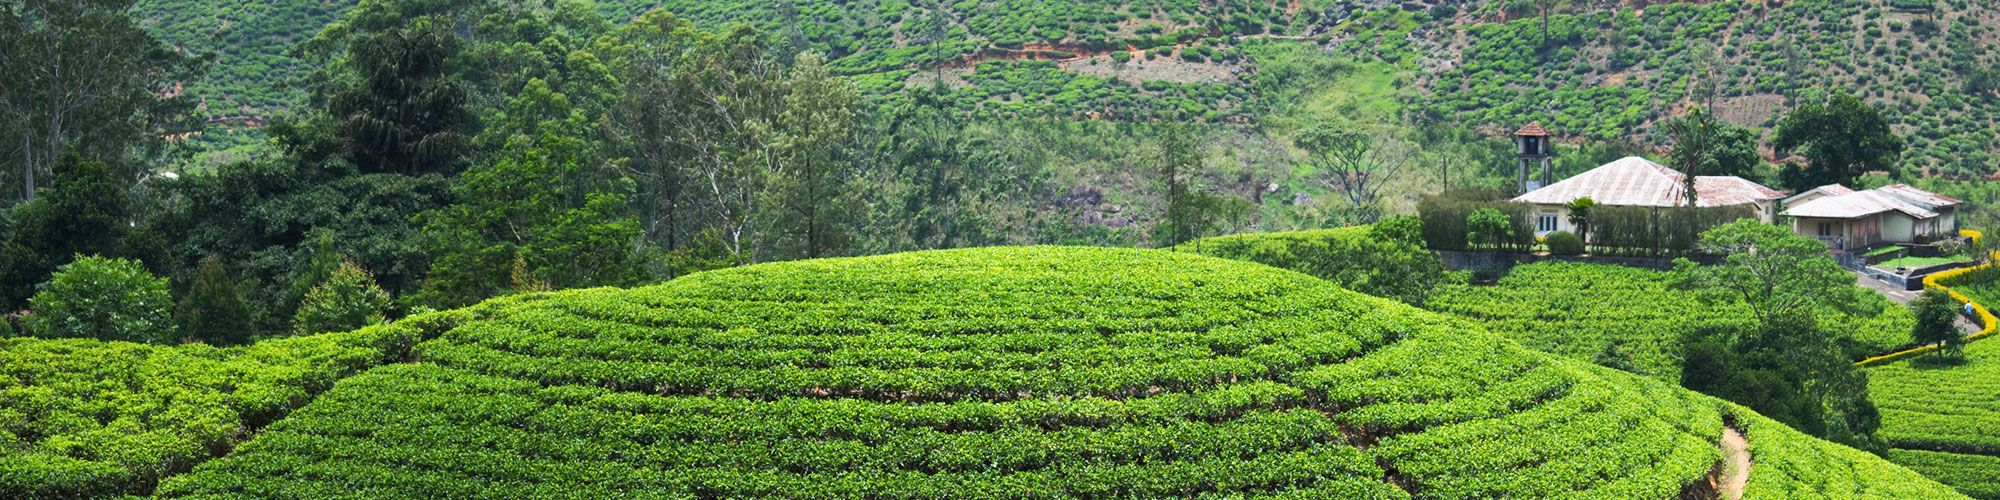 Sri Lanka, Teeplantagen, Teefabrik